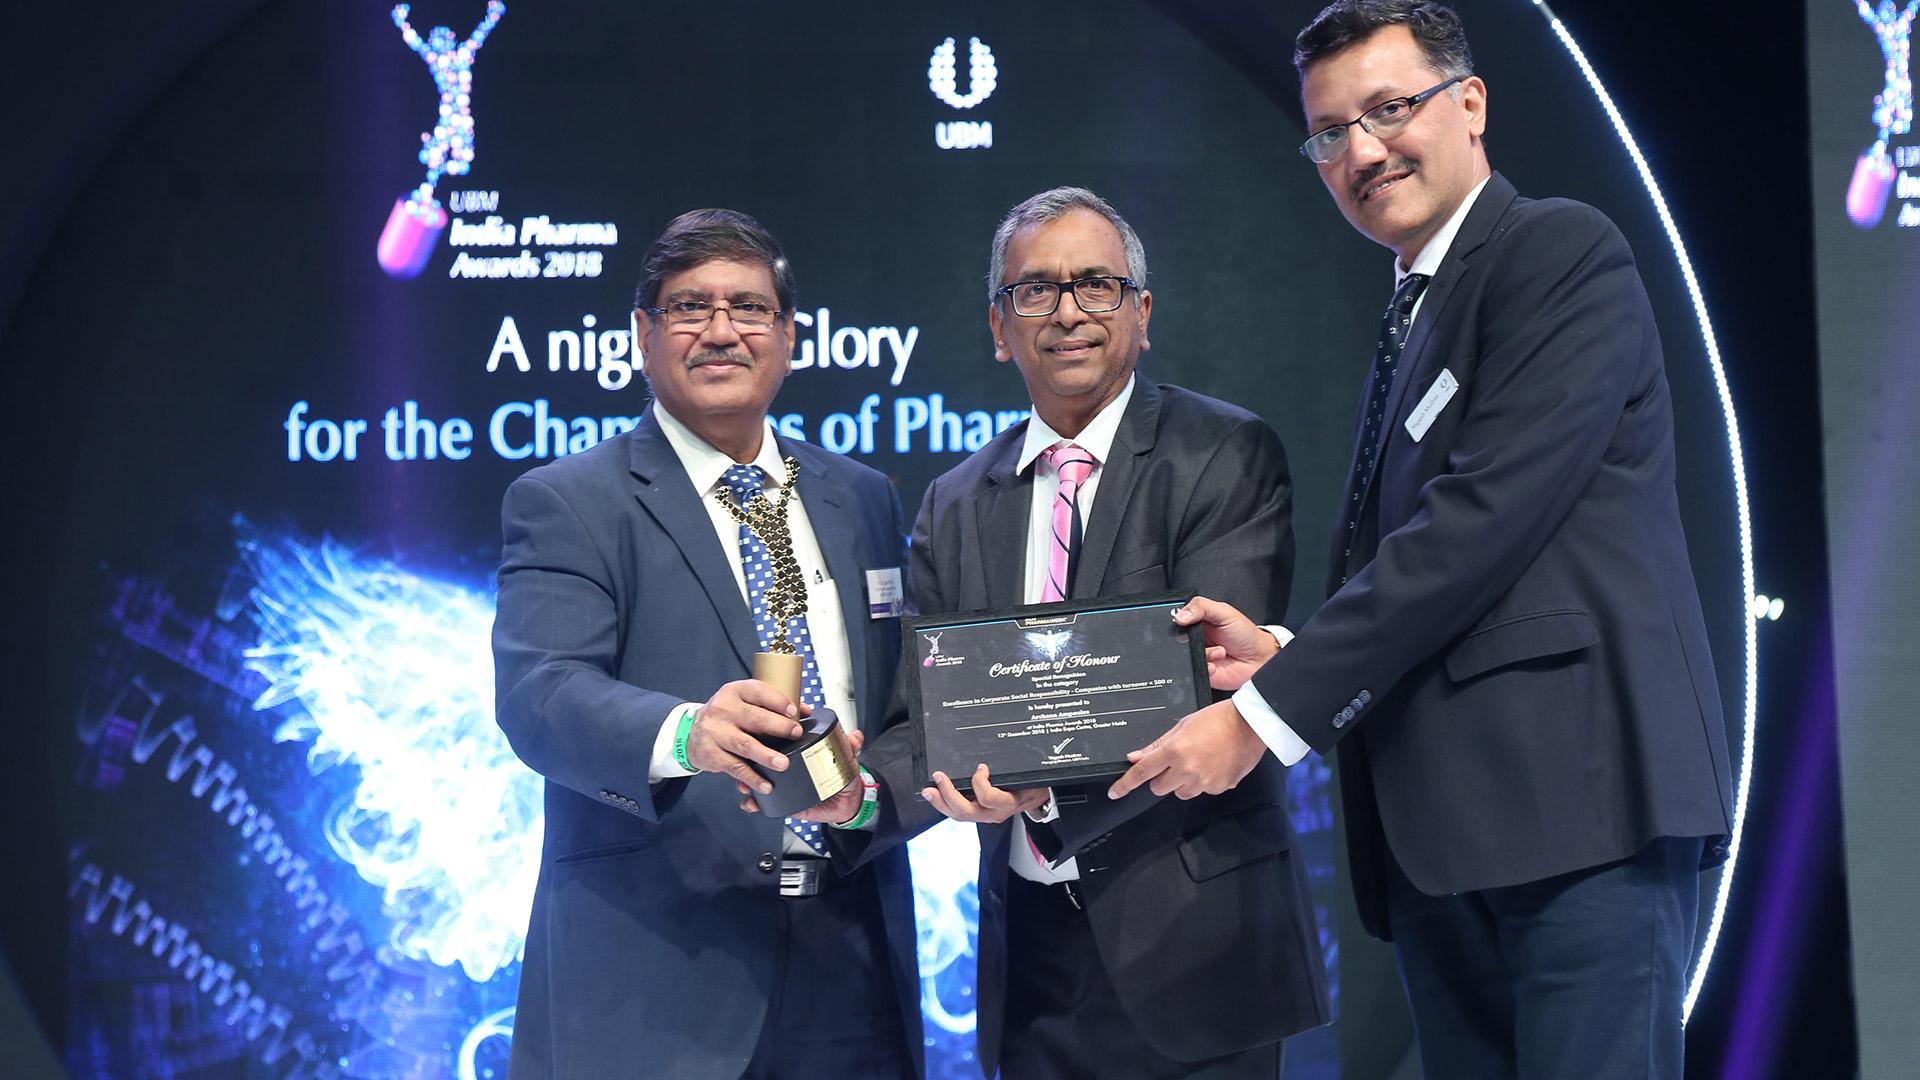 UBM India Pharma Awards 2018